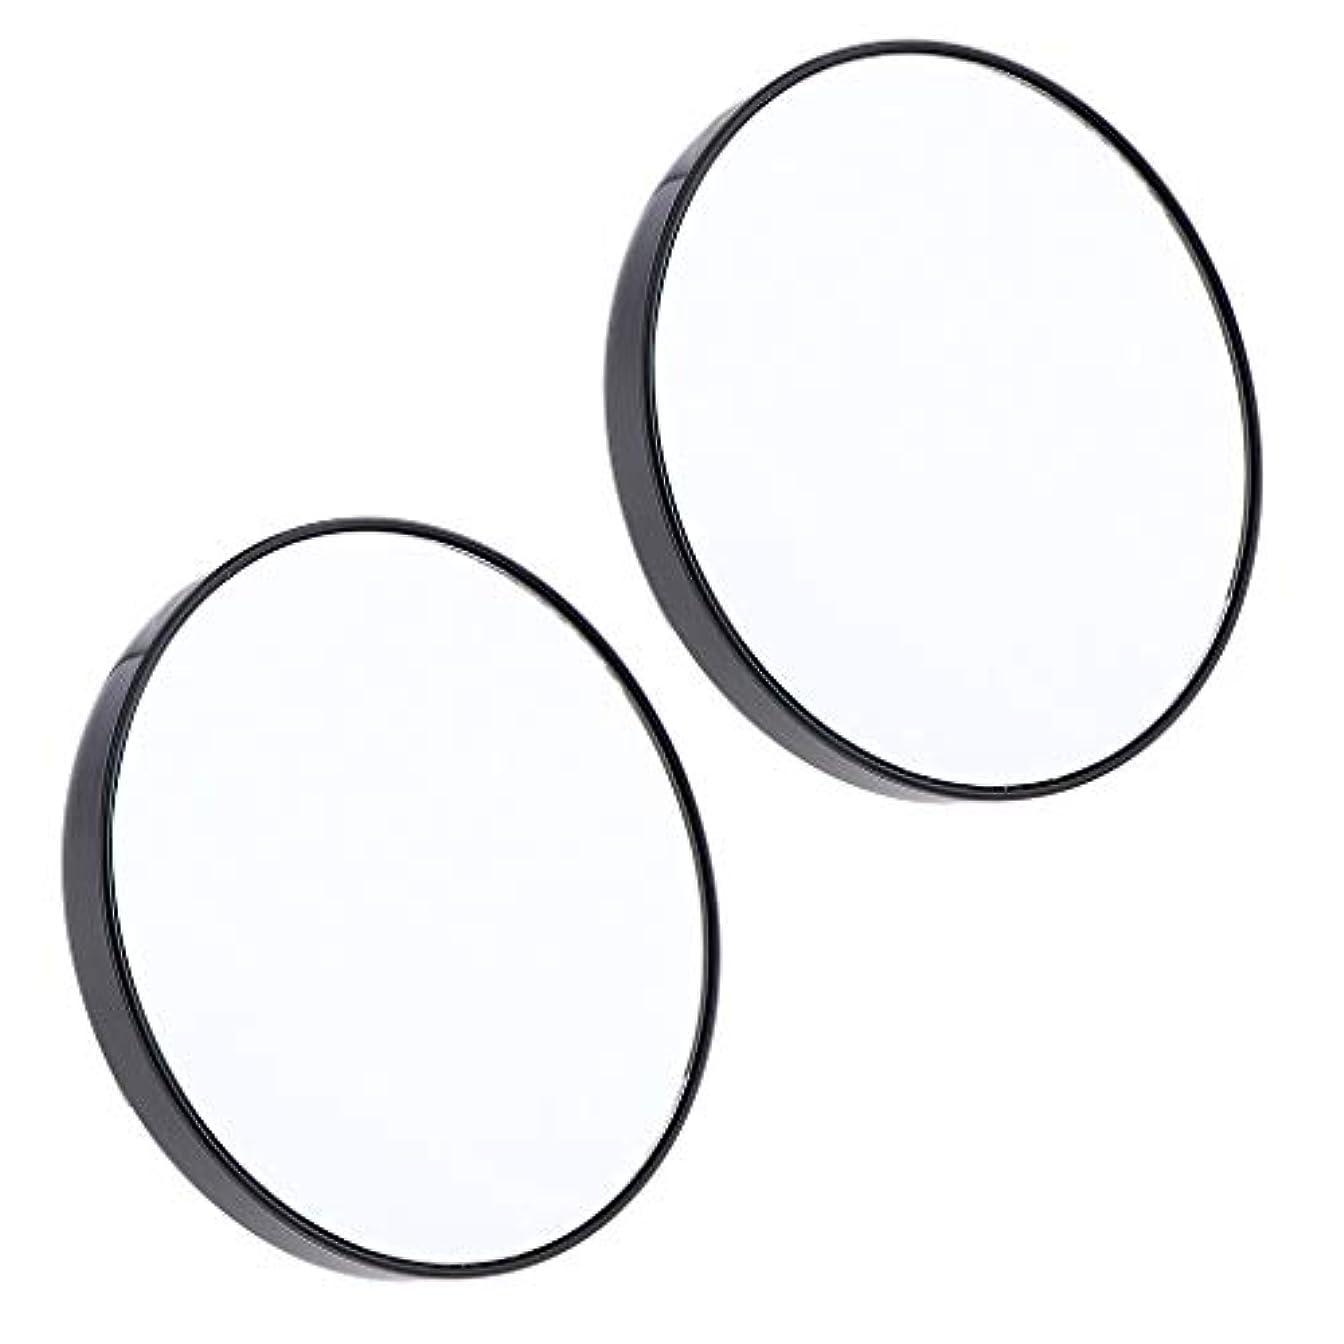 小道具無視する証言F Fityle 2個 サクションミラー メイクミラー 化粧鏡 10倍 拡大鏡 壁の吸引ミラー